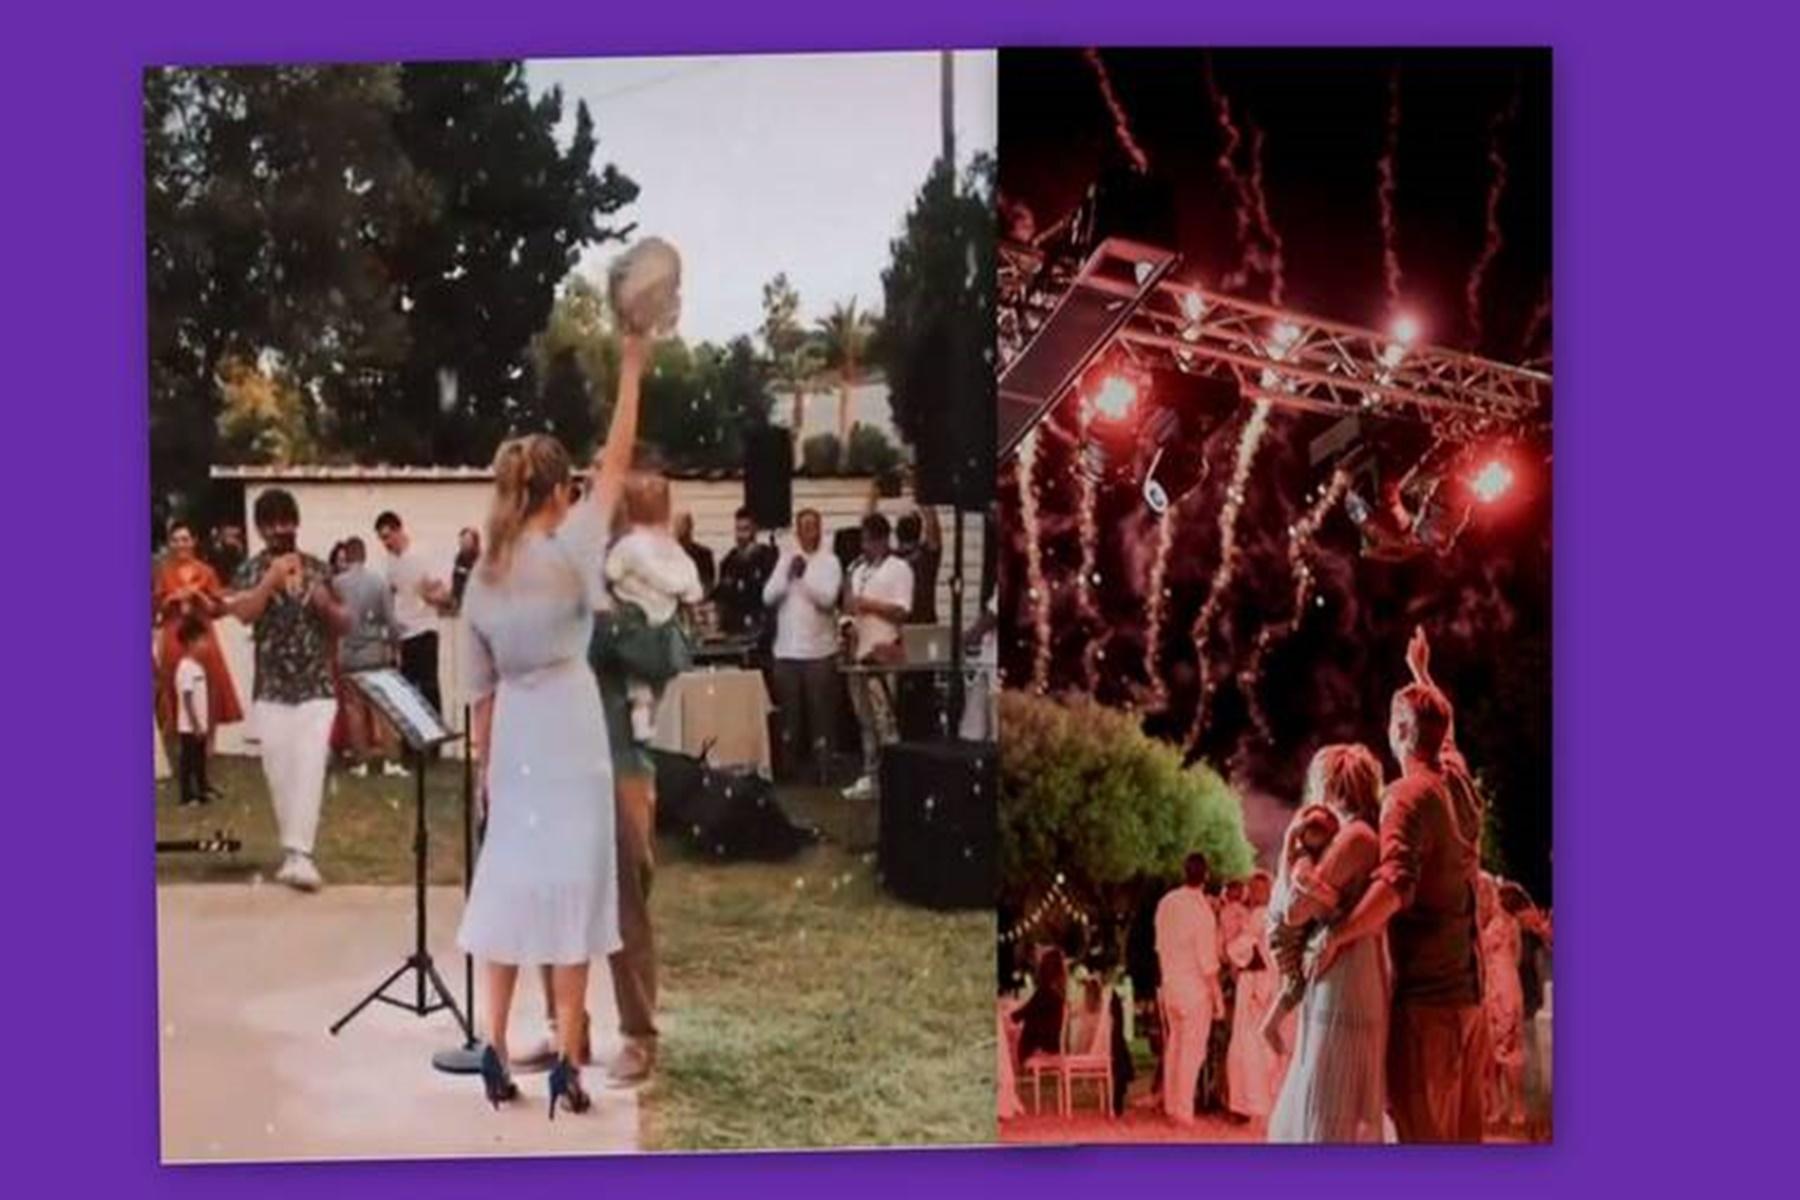 Αλέξανδρος Μπουρδούμης Λένα Δροσάκη : Δείτε τα βαφτίσια του γιού τους